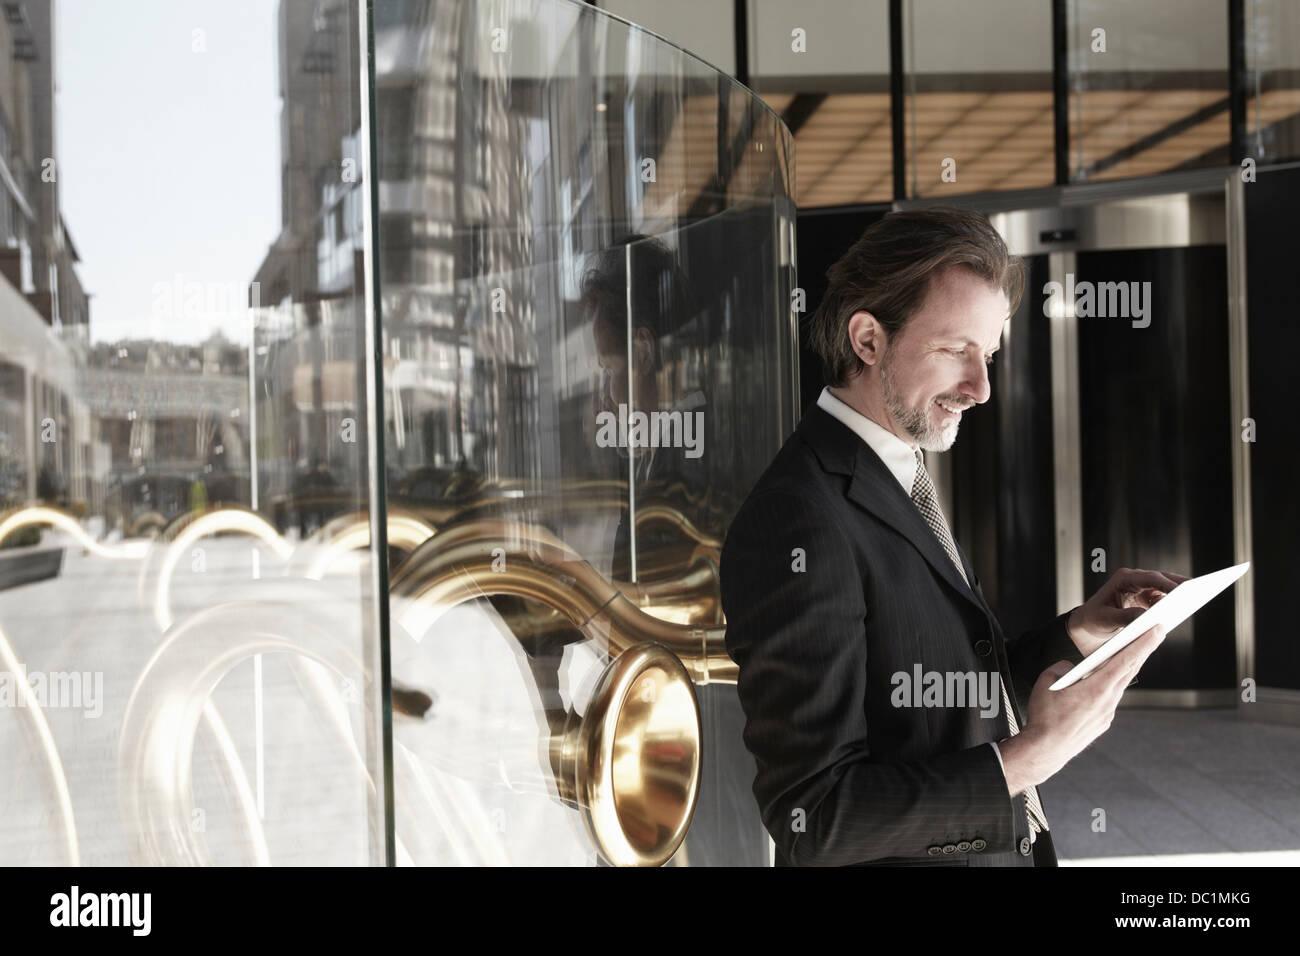 Adulto medio empresario apoyado contra la ventana de guardar y usar tableta digital Imagen De Stock